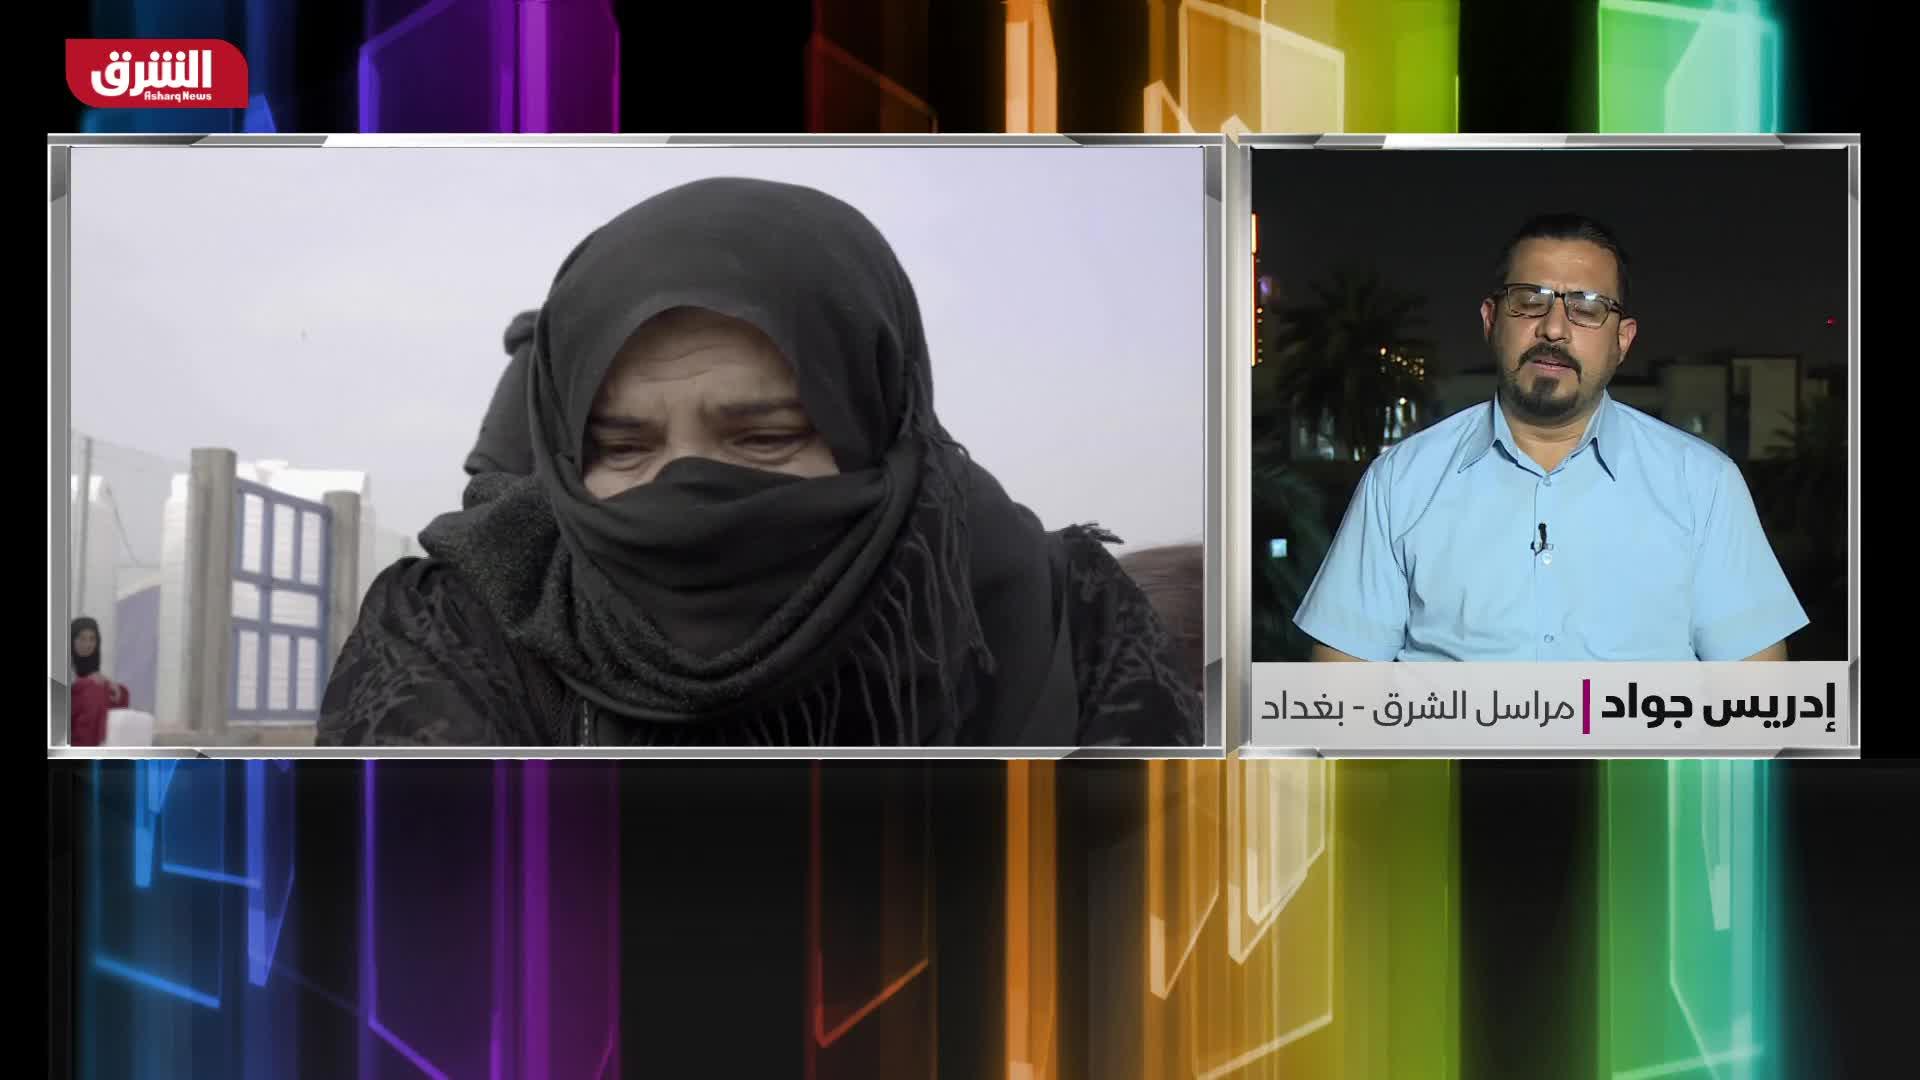 العراق: أزمة النازحين تتفاقم